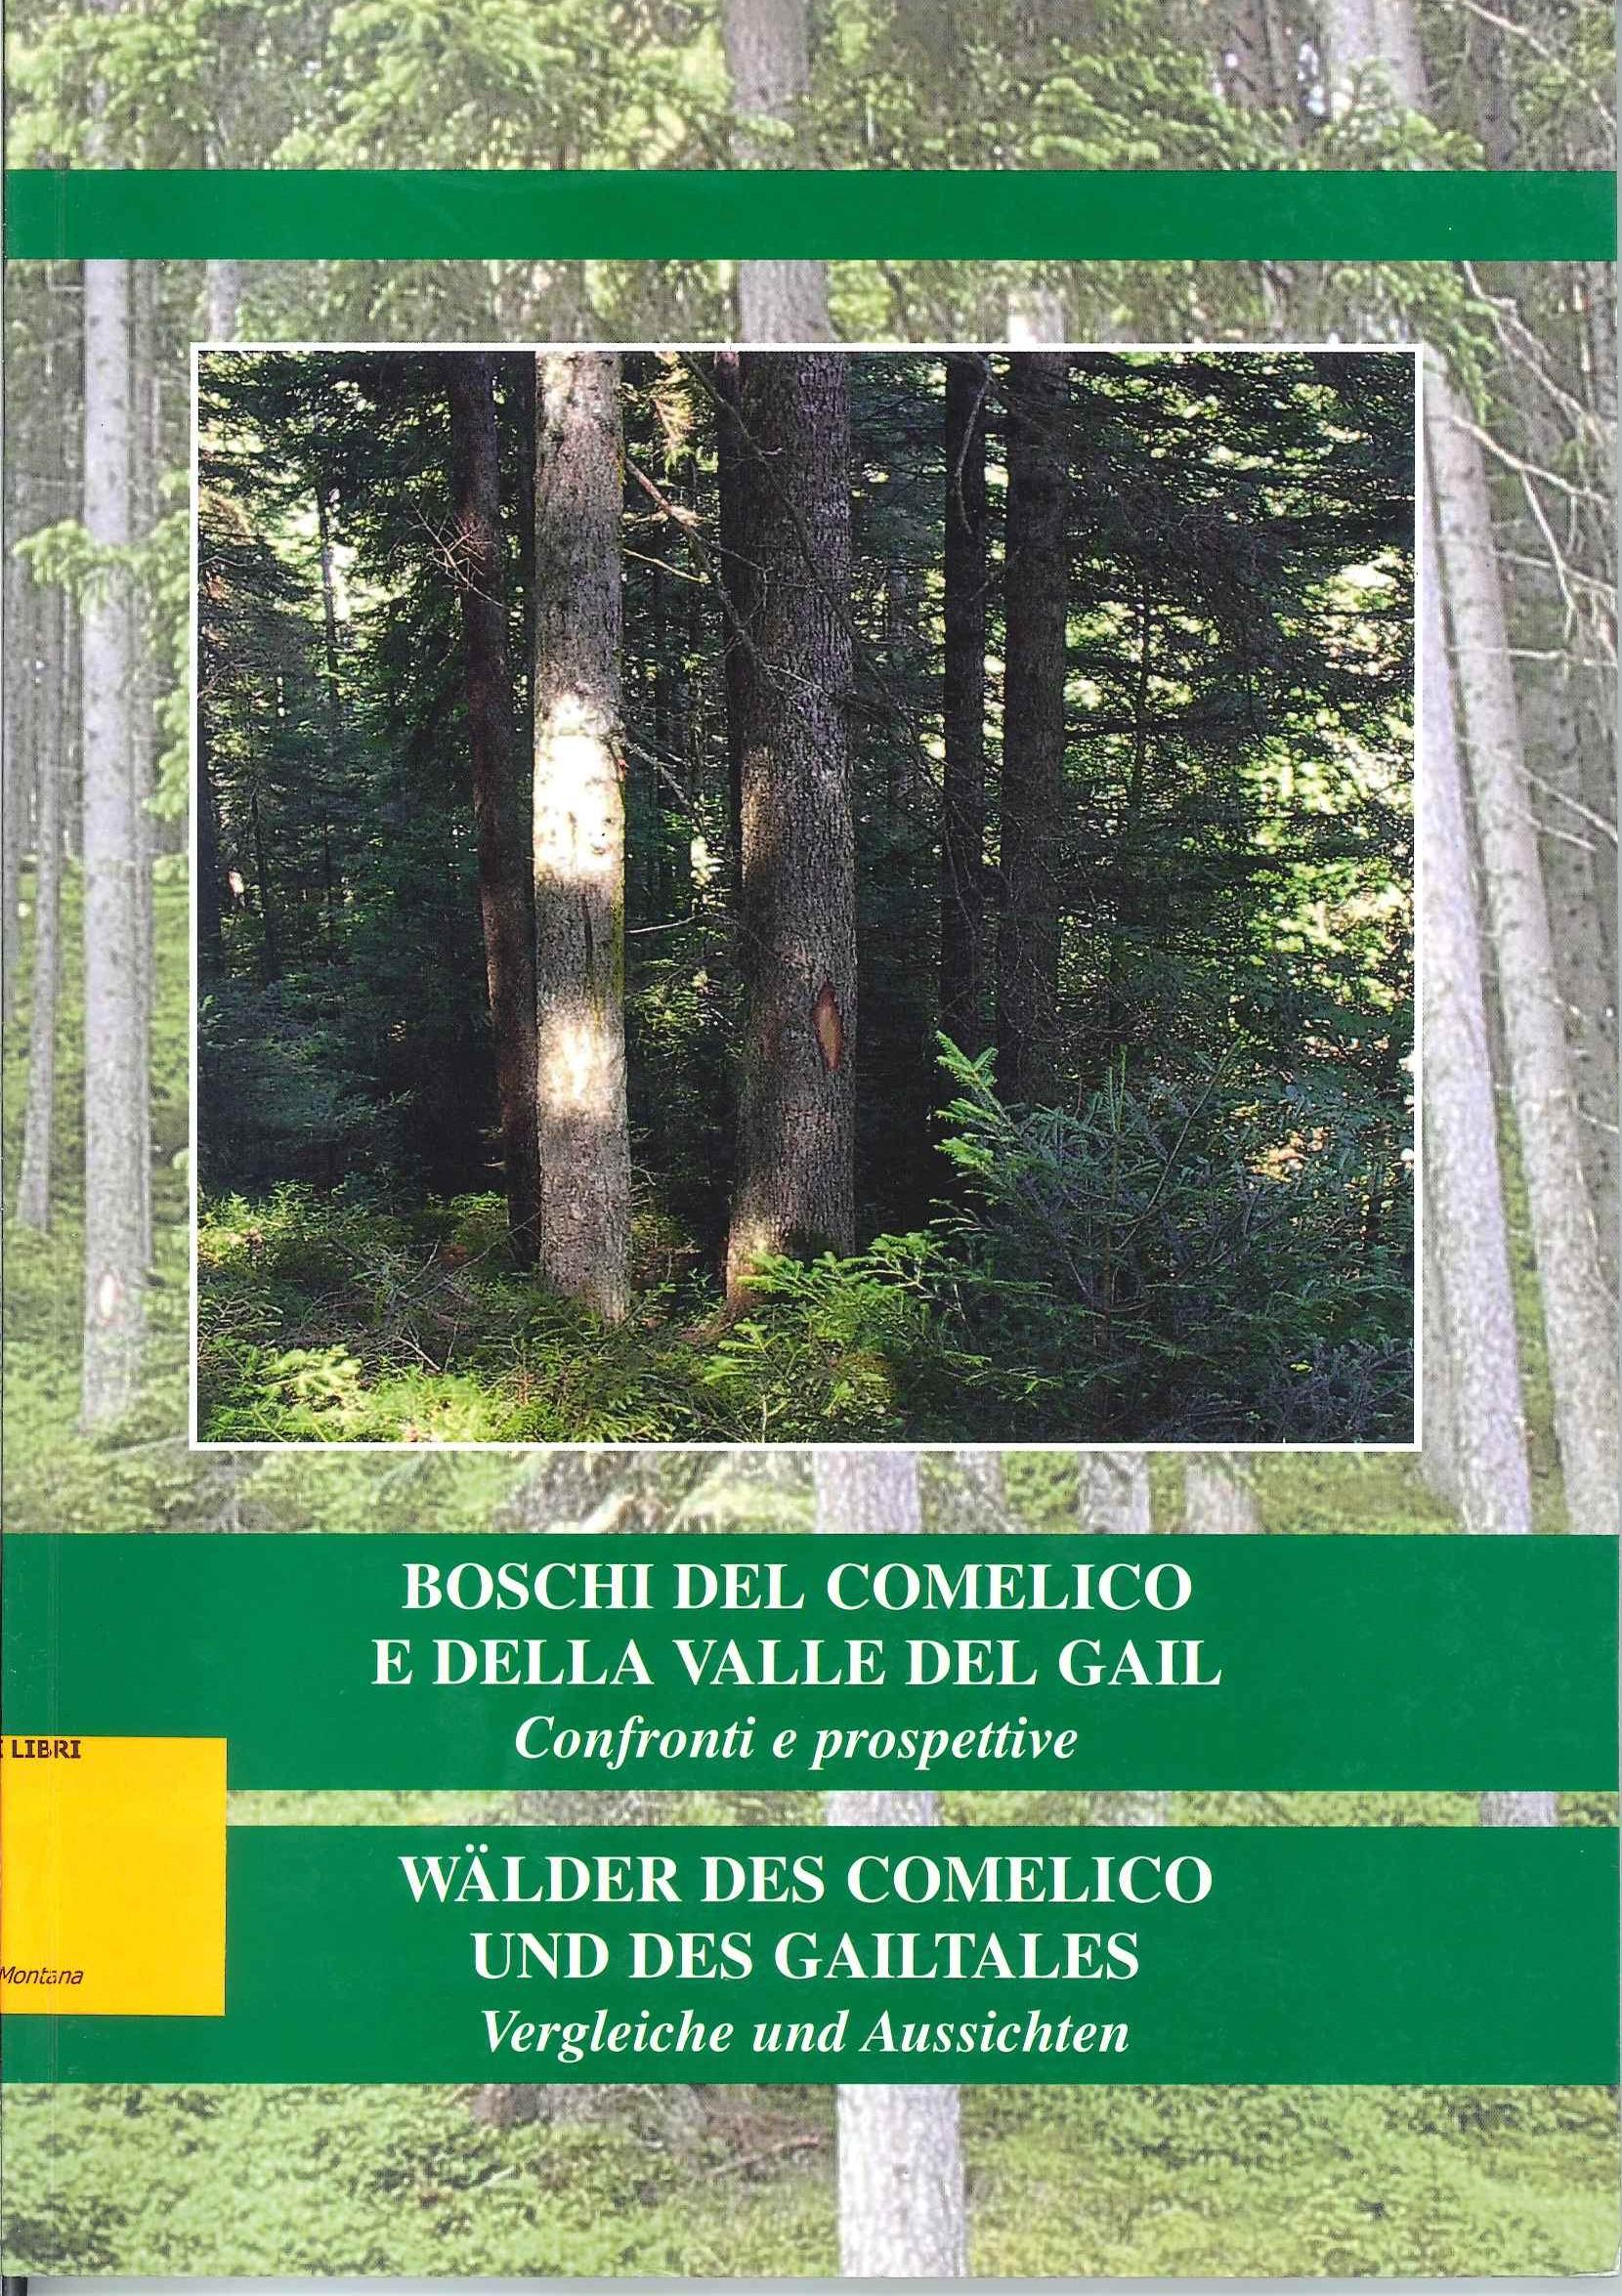 Boschi del Comelico e della Valle del Gail - Wälder des Comelico und des Gailtales